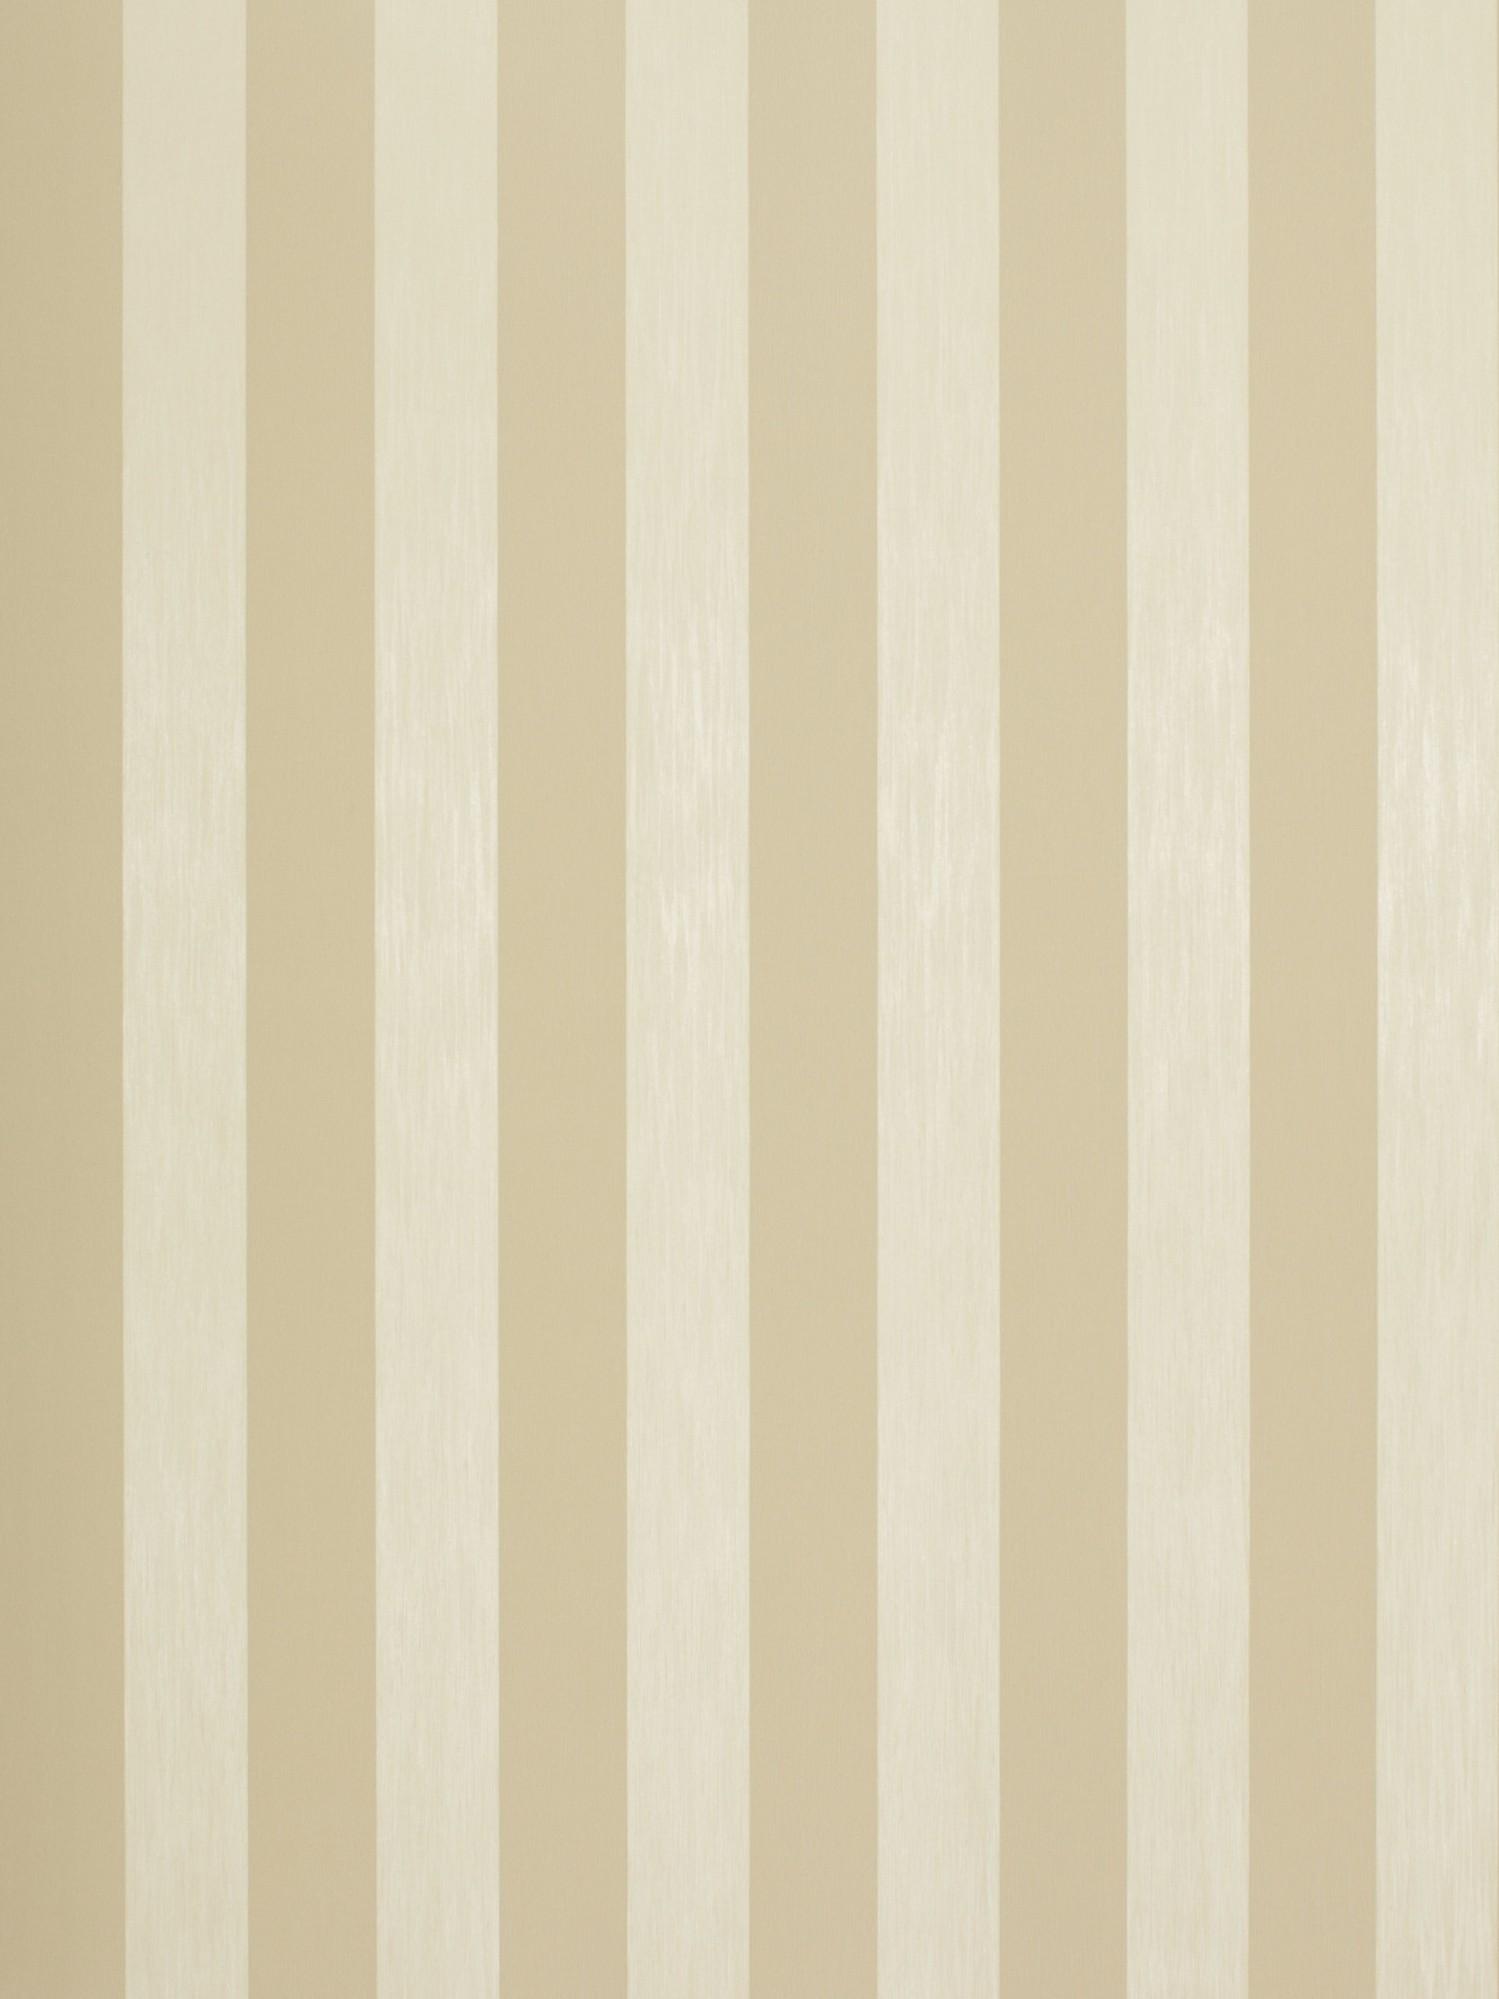 country charm tapete rasch textil satintapete landhaus 298153 streifen beige cre ebay. Black Bedroom Furniture Sets. Home Design Ideas